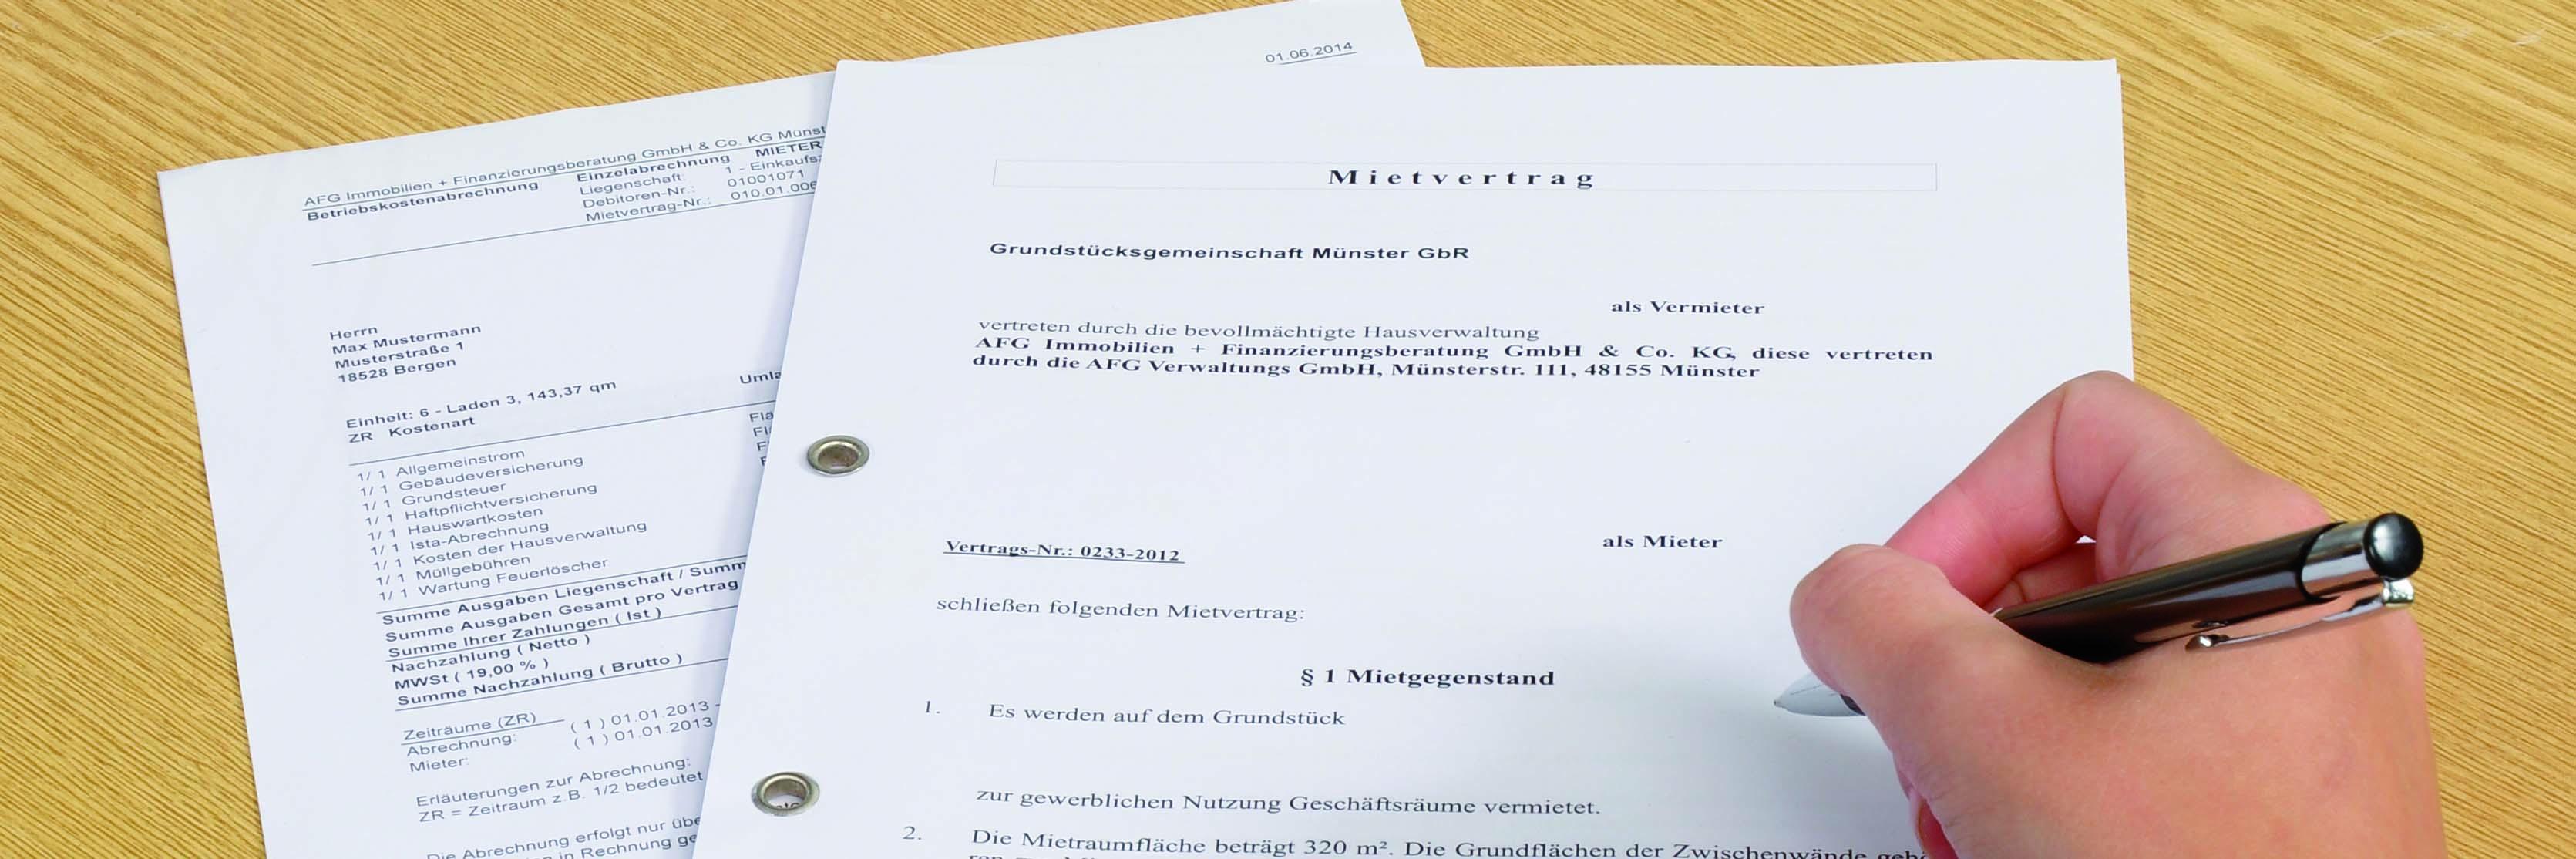 Vermietungsservice - abgeschlossener Mietvertrag